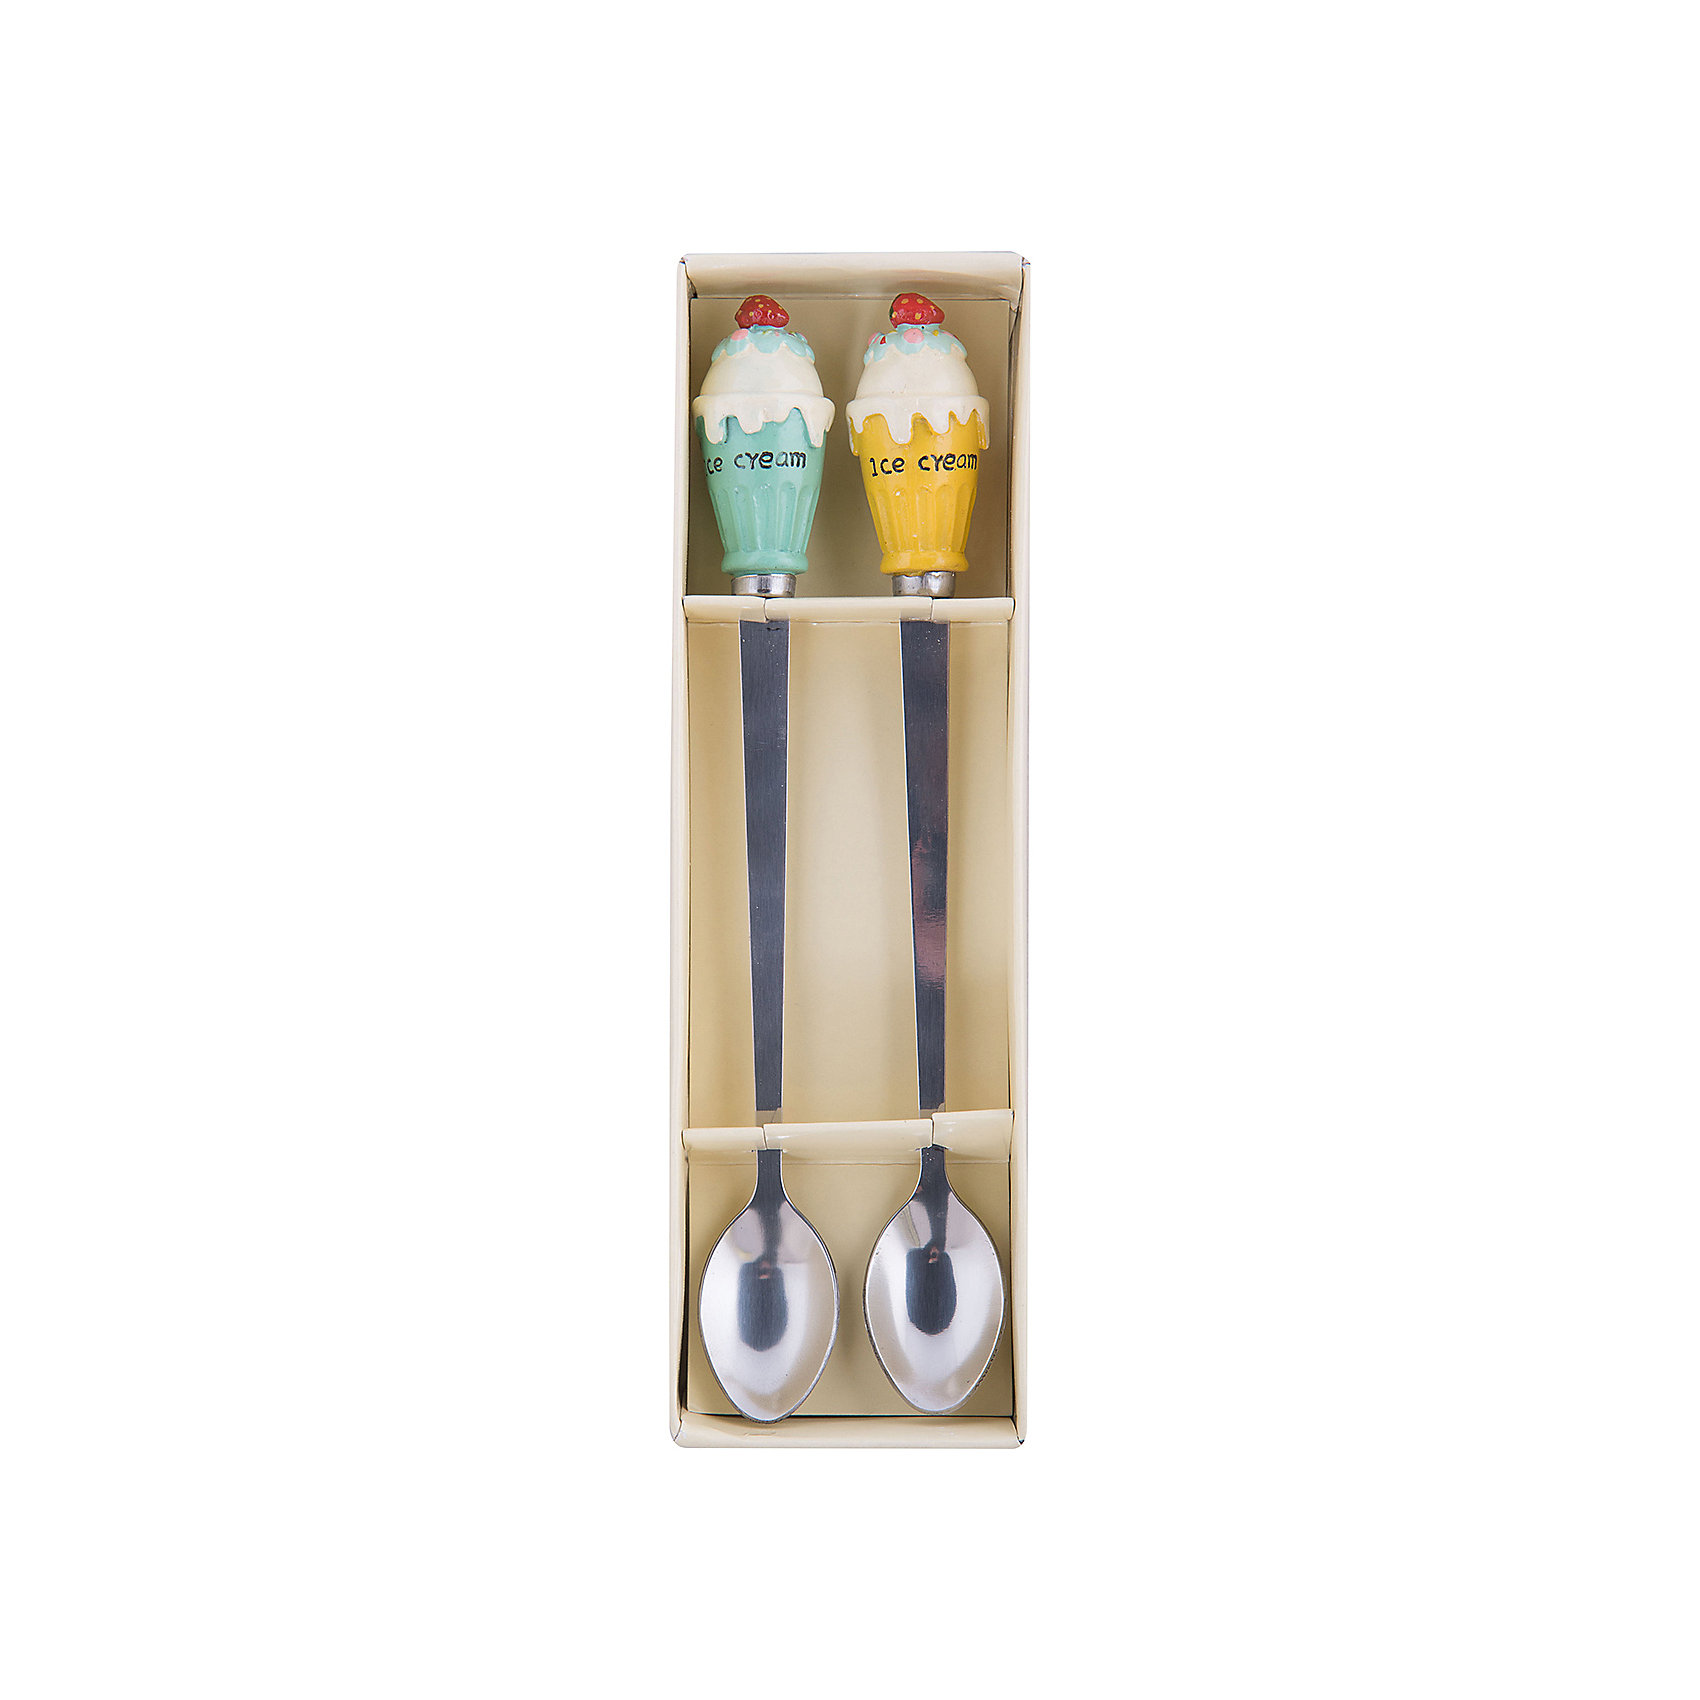 Набор столовых приборов, Феникс-ПрезентДетская посуда<br>Набор столовых приборов, Феникс-Презент<br><br>Характеристики:<br><br>• оригинальные ложки с украшением<br>• длина ложки: 23 см<br>• в комплекте: 2 ложки<br>• материал: нержавеющая сталь, полирезина<br>• размер упаковки: 7х24х3,5 см<br>• вес: 205 грамм<br><br>Оригинальные столовые приборы украсят ваш стол. В набор от Феникс-Презент входят две ложки длиной 23 сантиметра. На ручках расположены фигурки в виде мороженого из полирезины. С этими ложками любой обед станет праздником!<br><br>Набор столовых приборов, Феникс-Презент вы можете купить в нашем интернет-магазине.<br><br>Ширина мм: 200<br>Глубина мм: 300<br>Высота мм: 200<br>Вес г: 248<br>Возраст от месяцев: 36<br>Возраст до месяцев: 2147483647<br>Пол: Унисекс<br>Возраст: Детский<br>SKU: 5449517